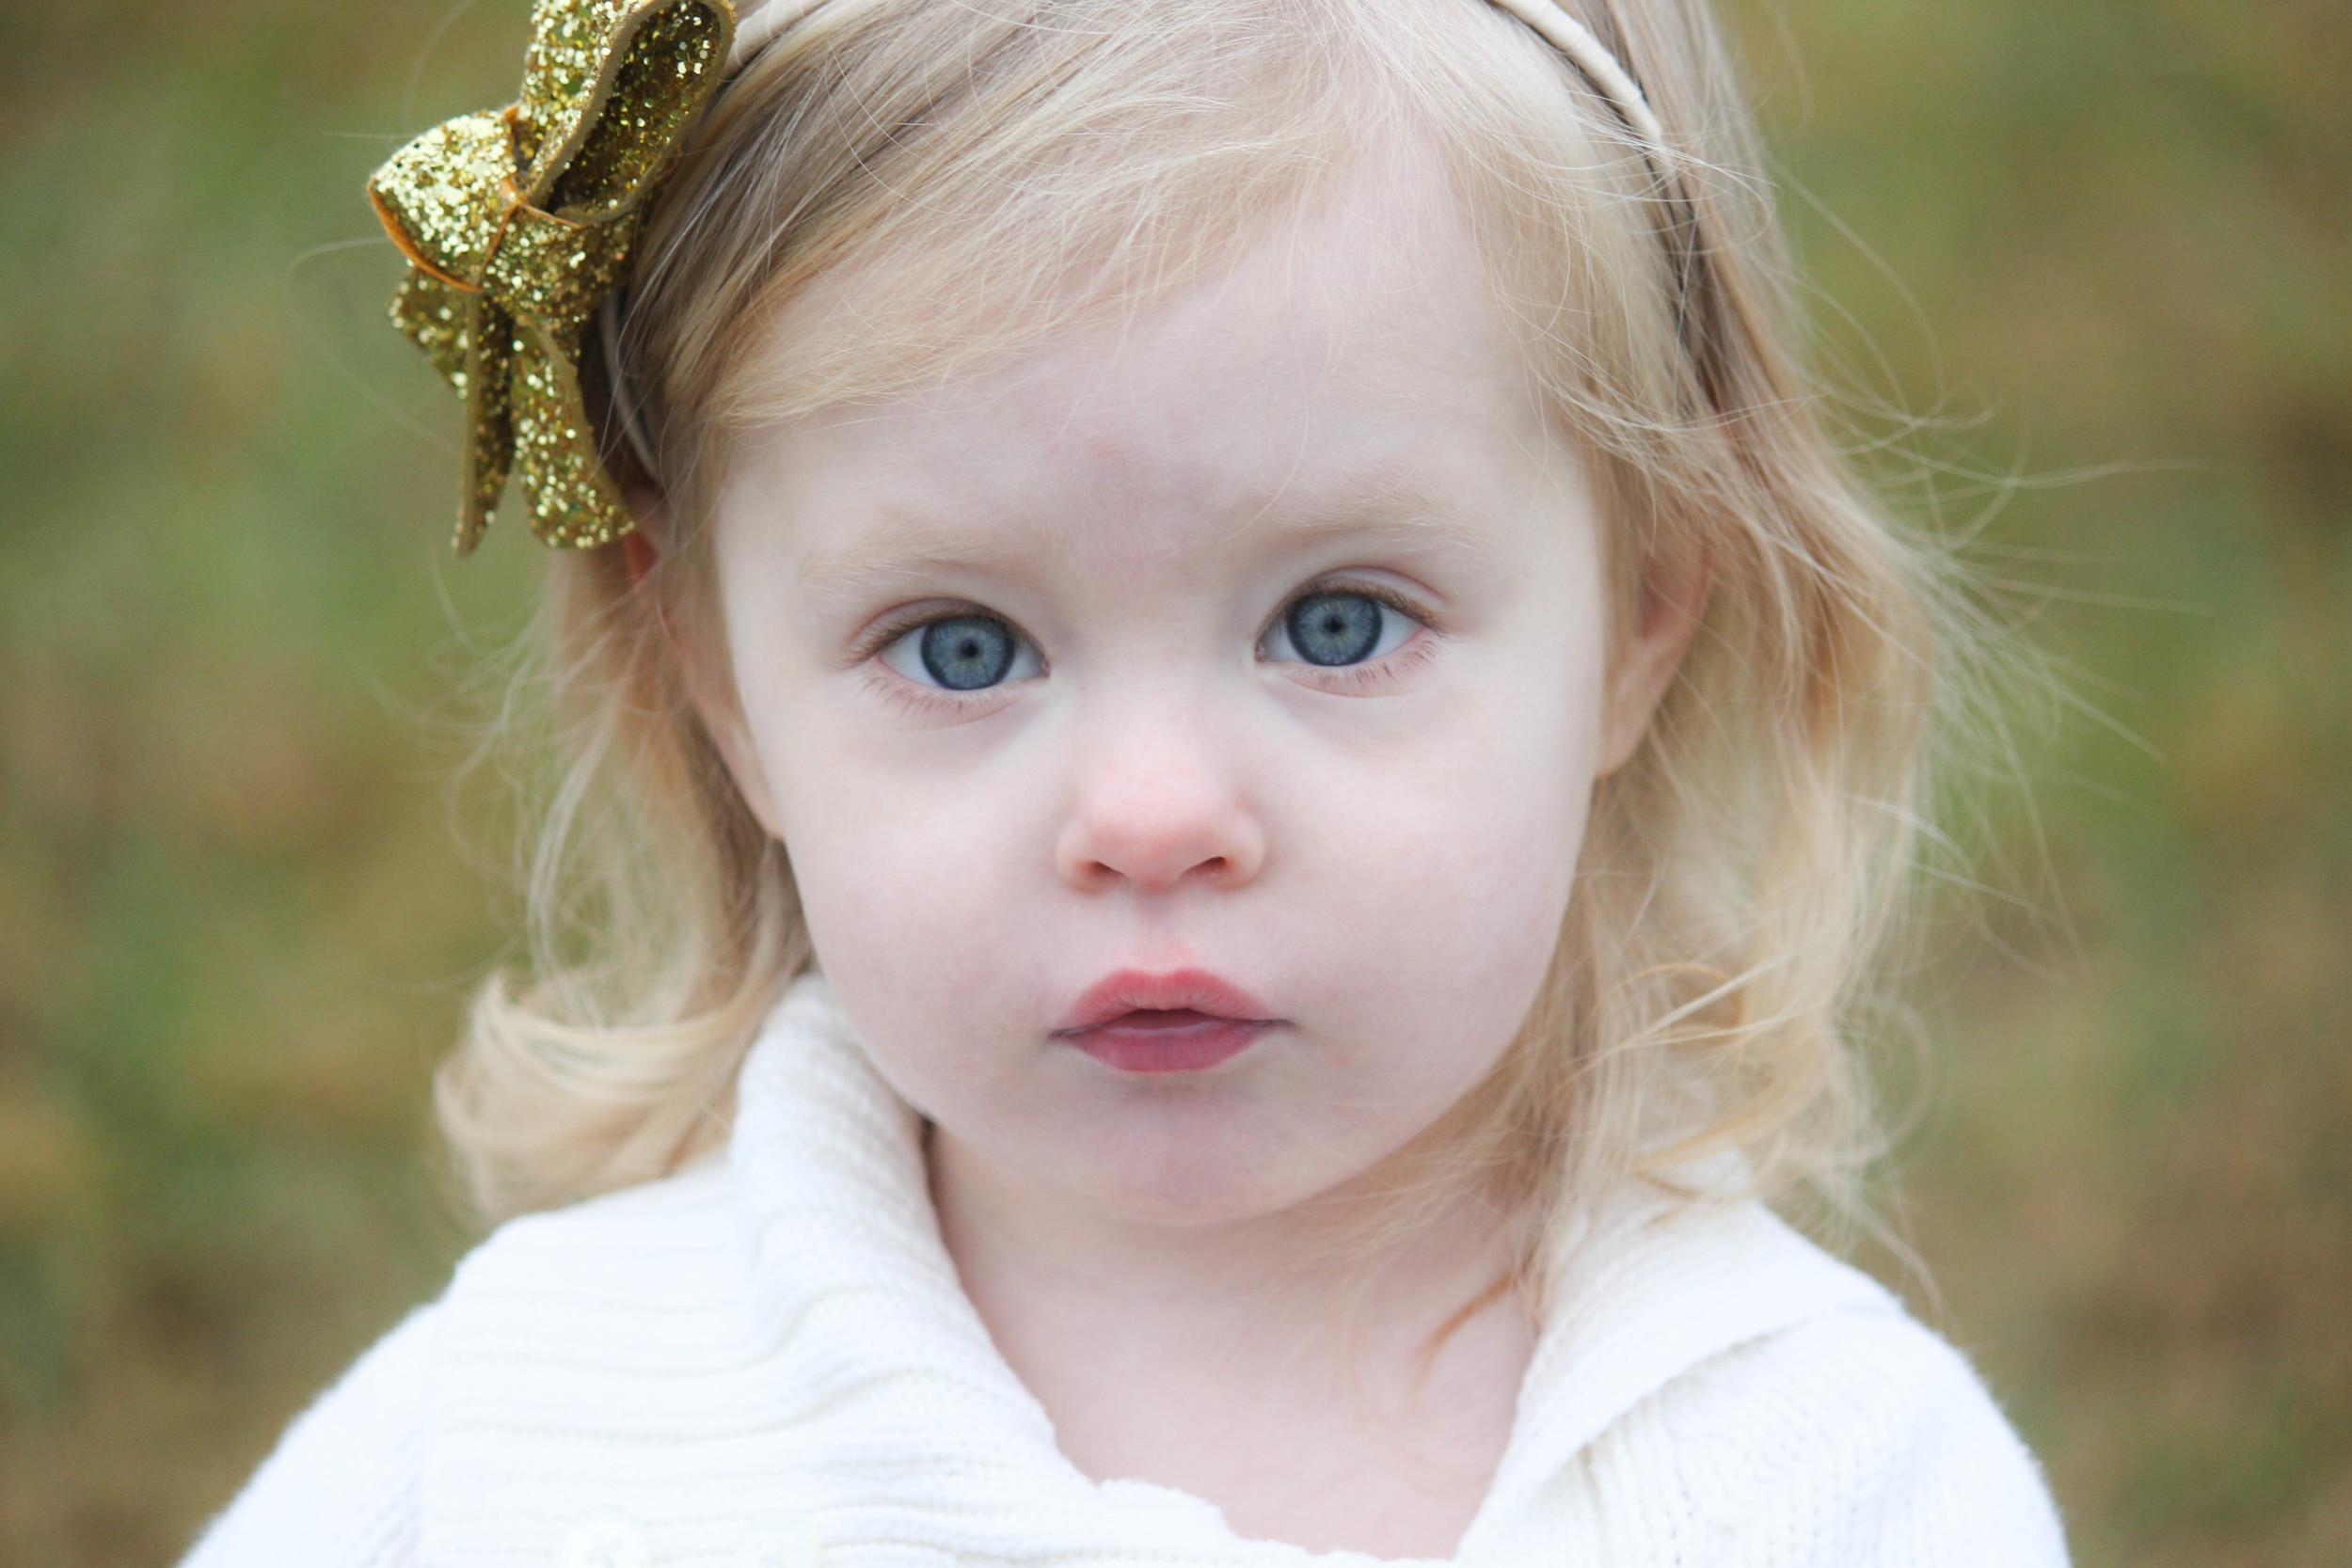 Look at those  eyes !!